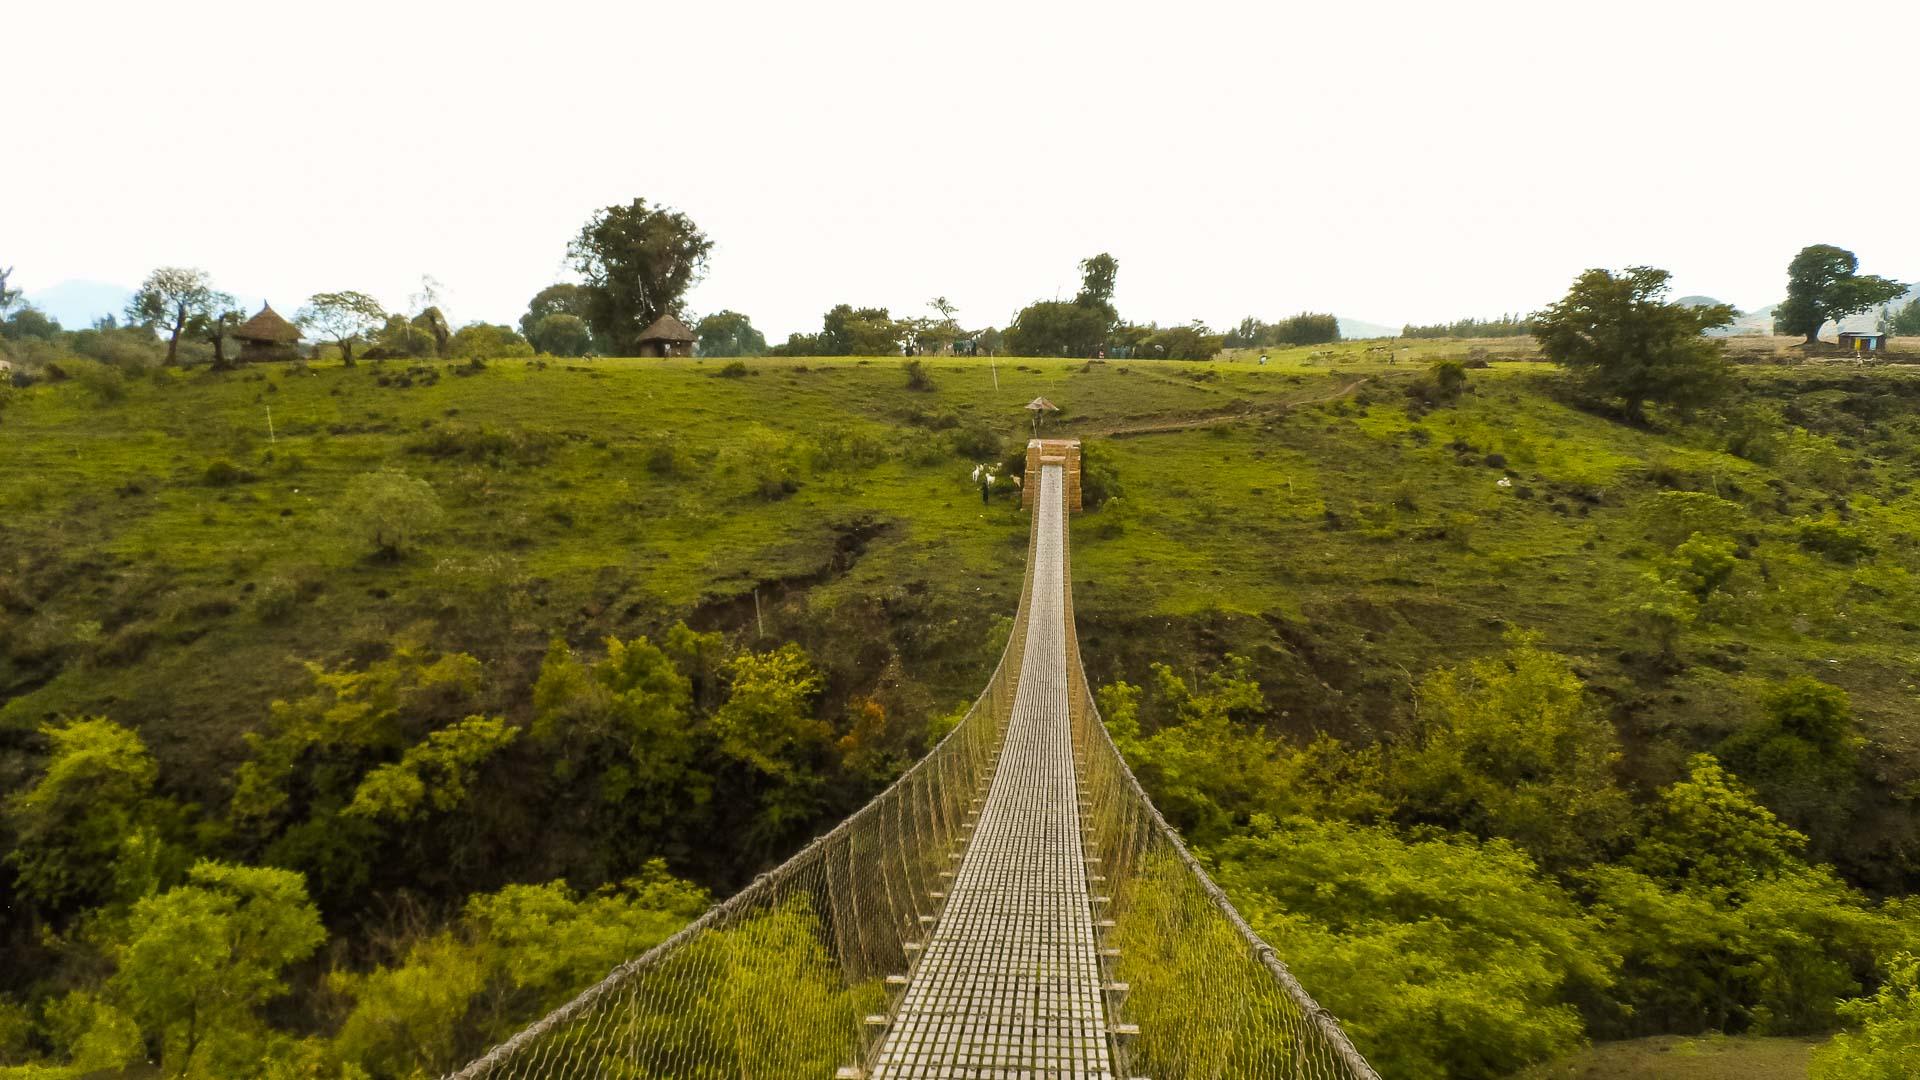 Foot bridge in Bahir Dar, Ethiopia